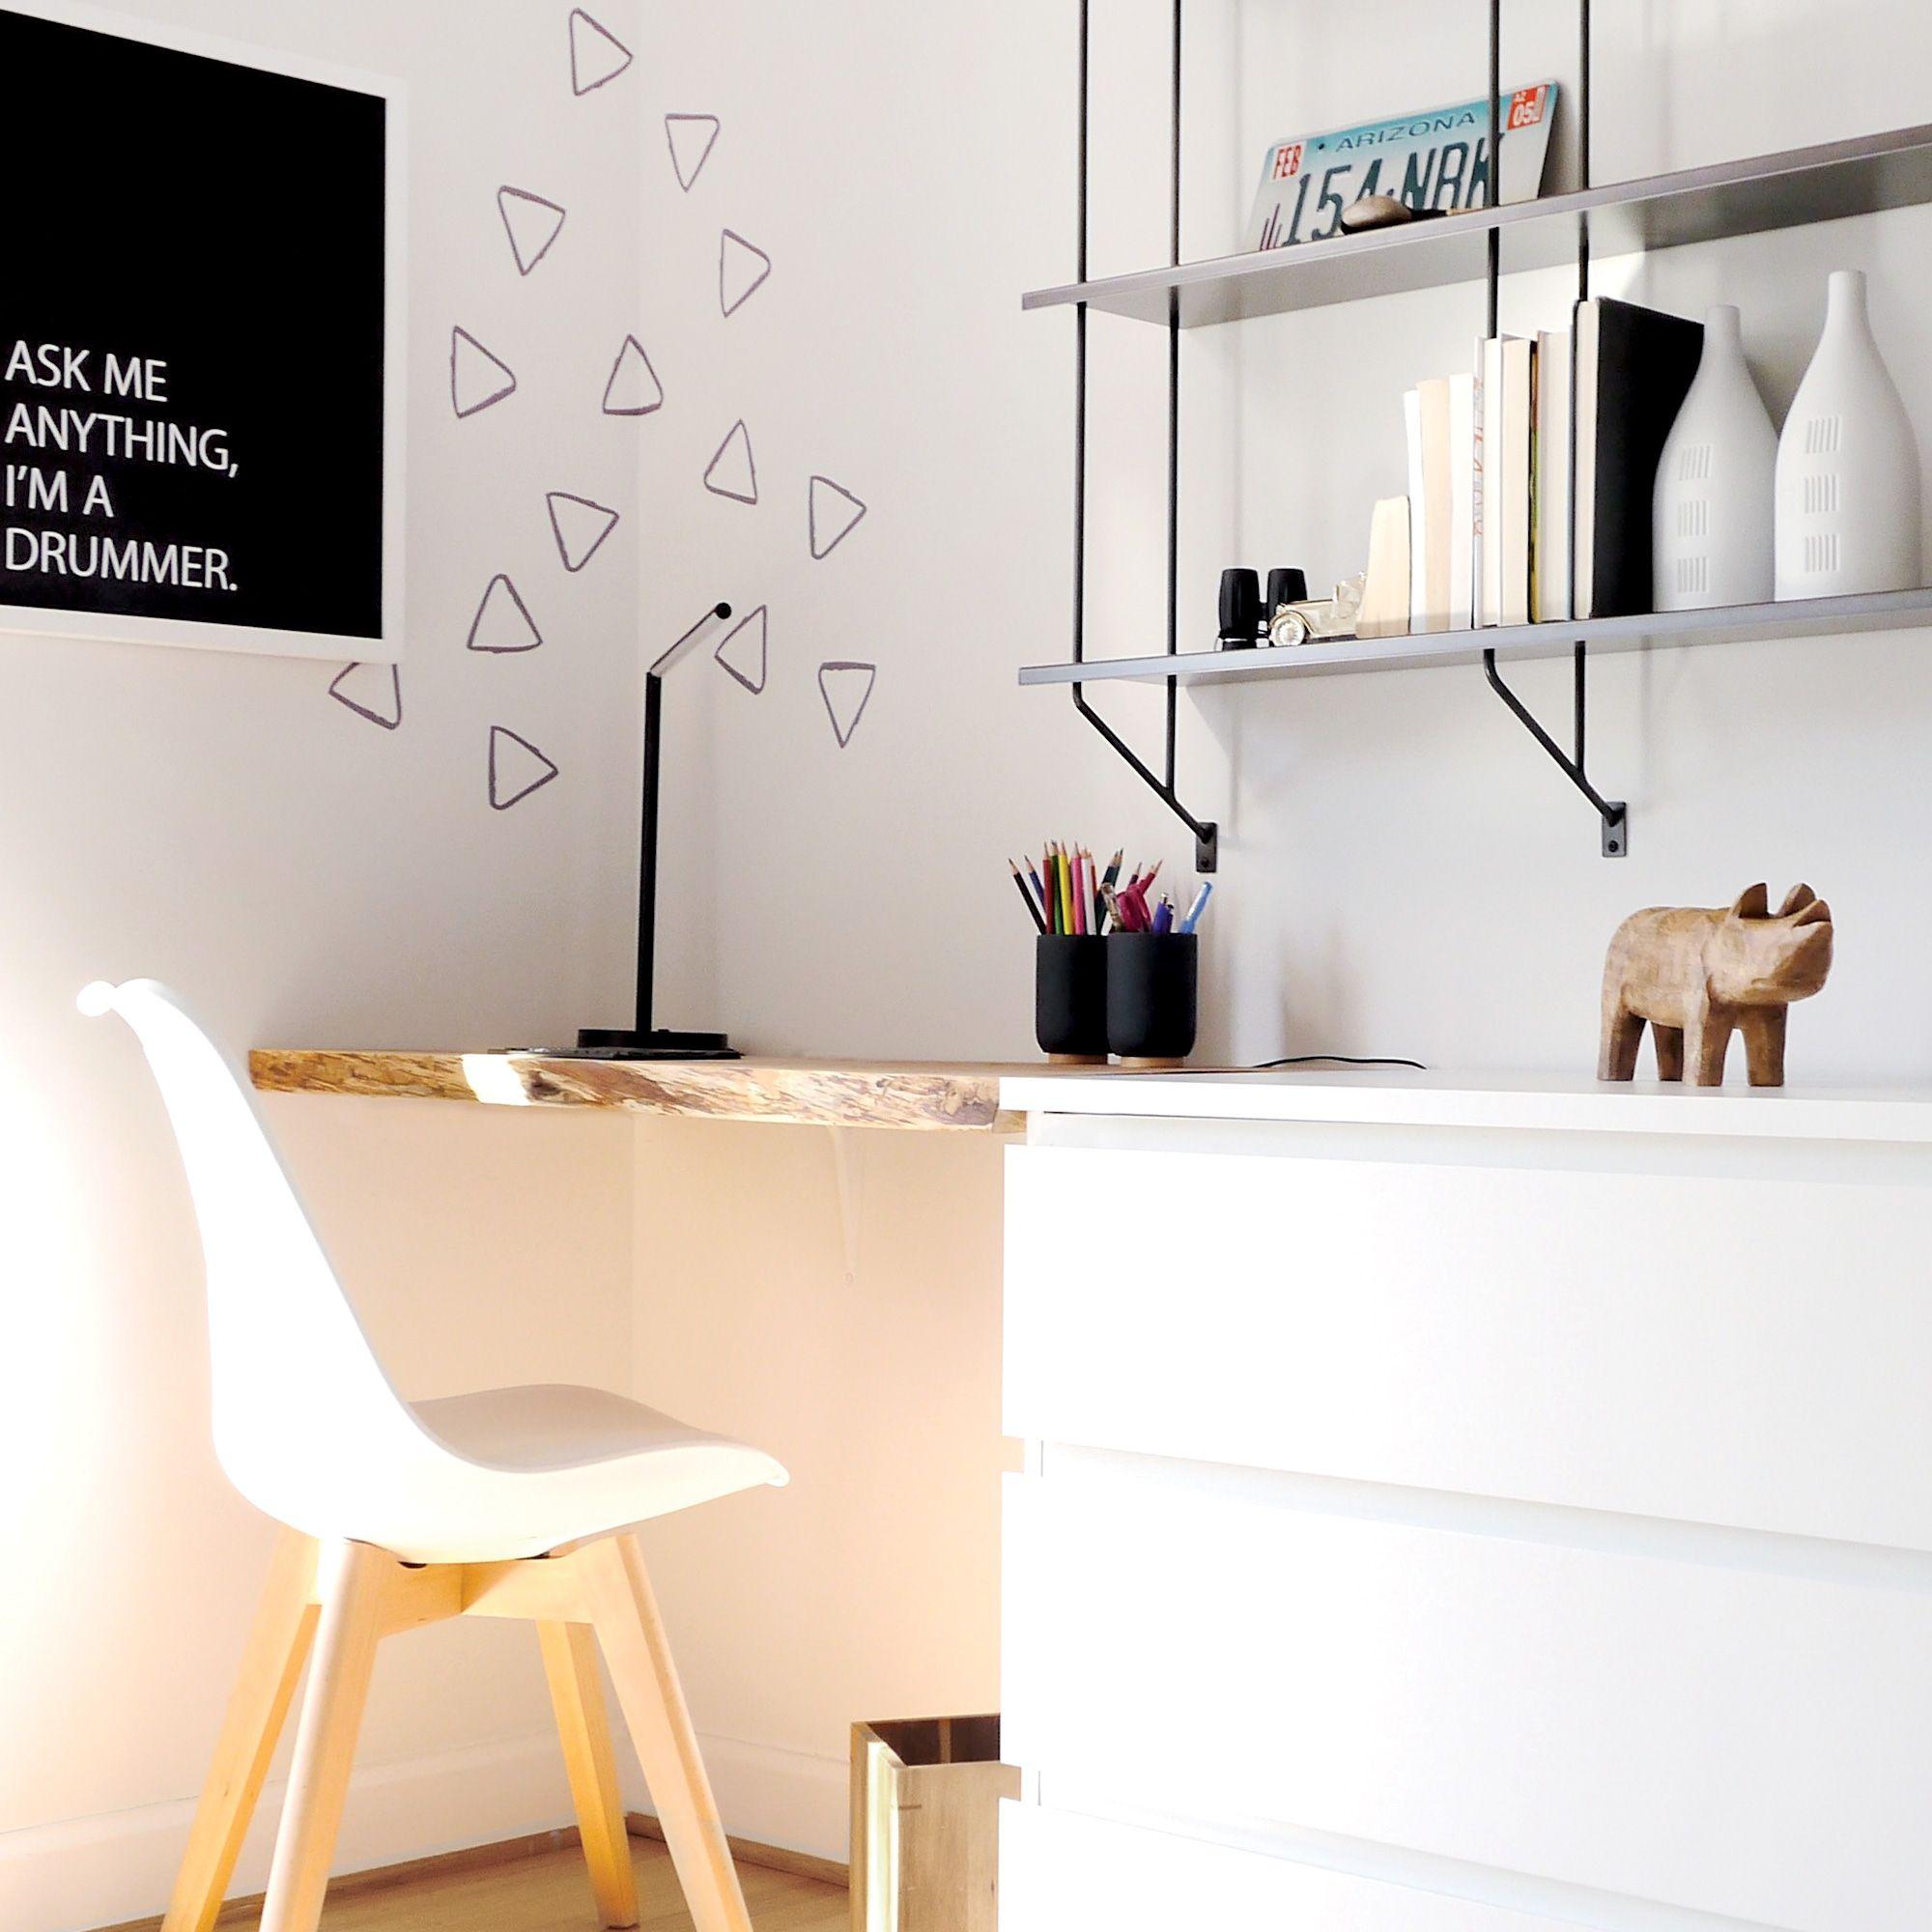 Ikea Hack See How To Build A Minimal Desk With The Malm Ikea Dresser Ikea Hack Kids Room Ikea Malm Desk Ikea Office Furniture